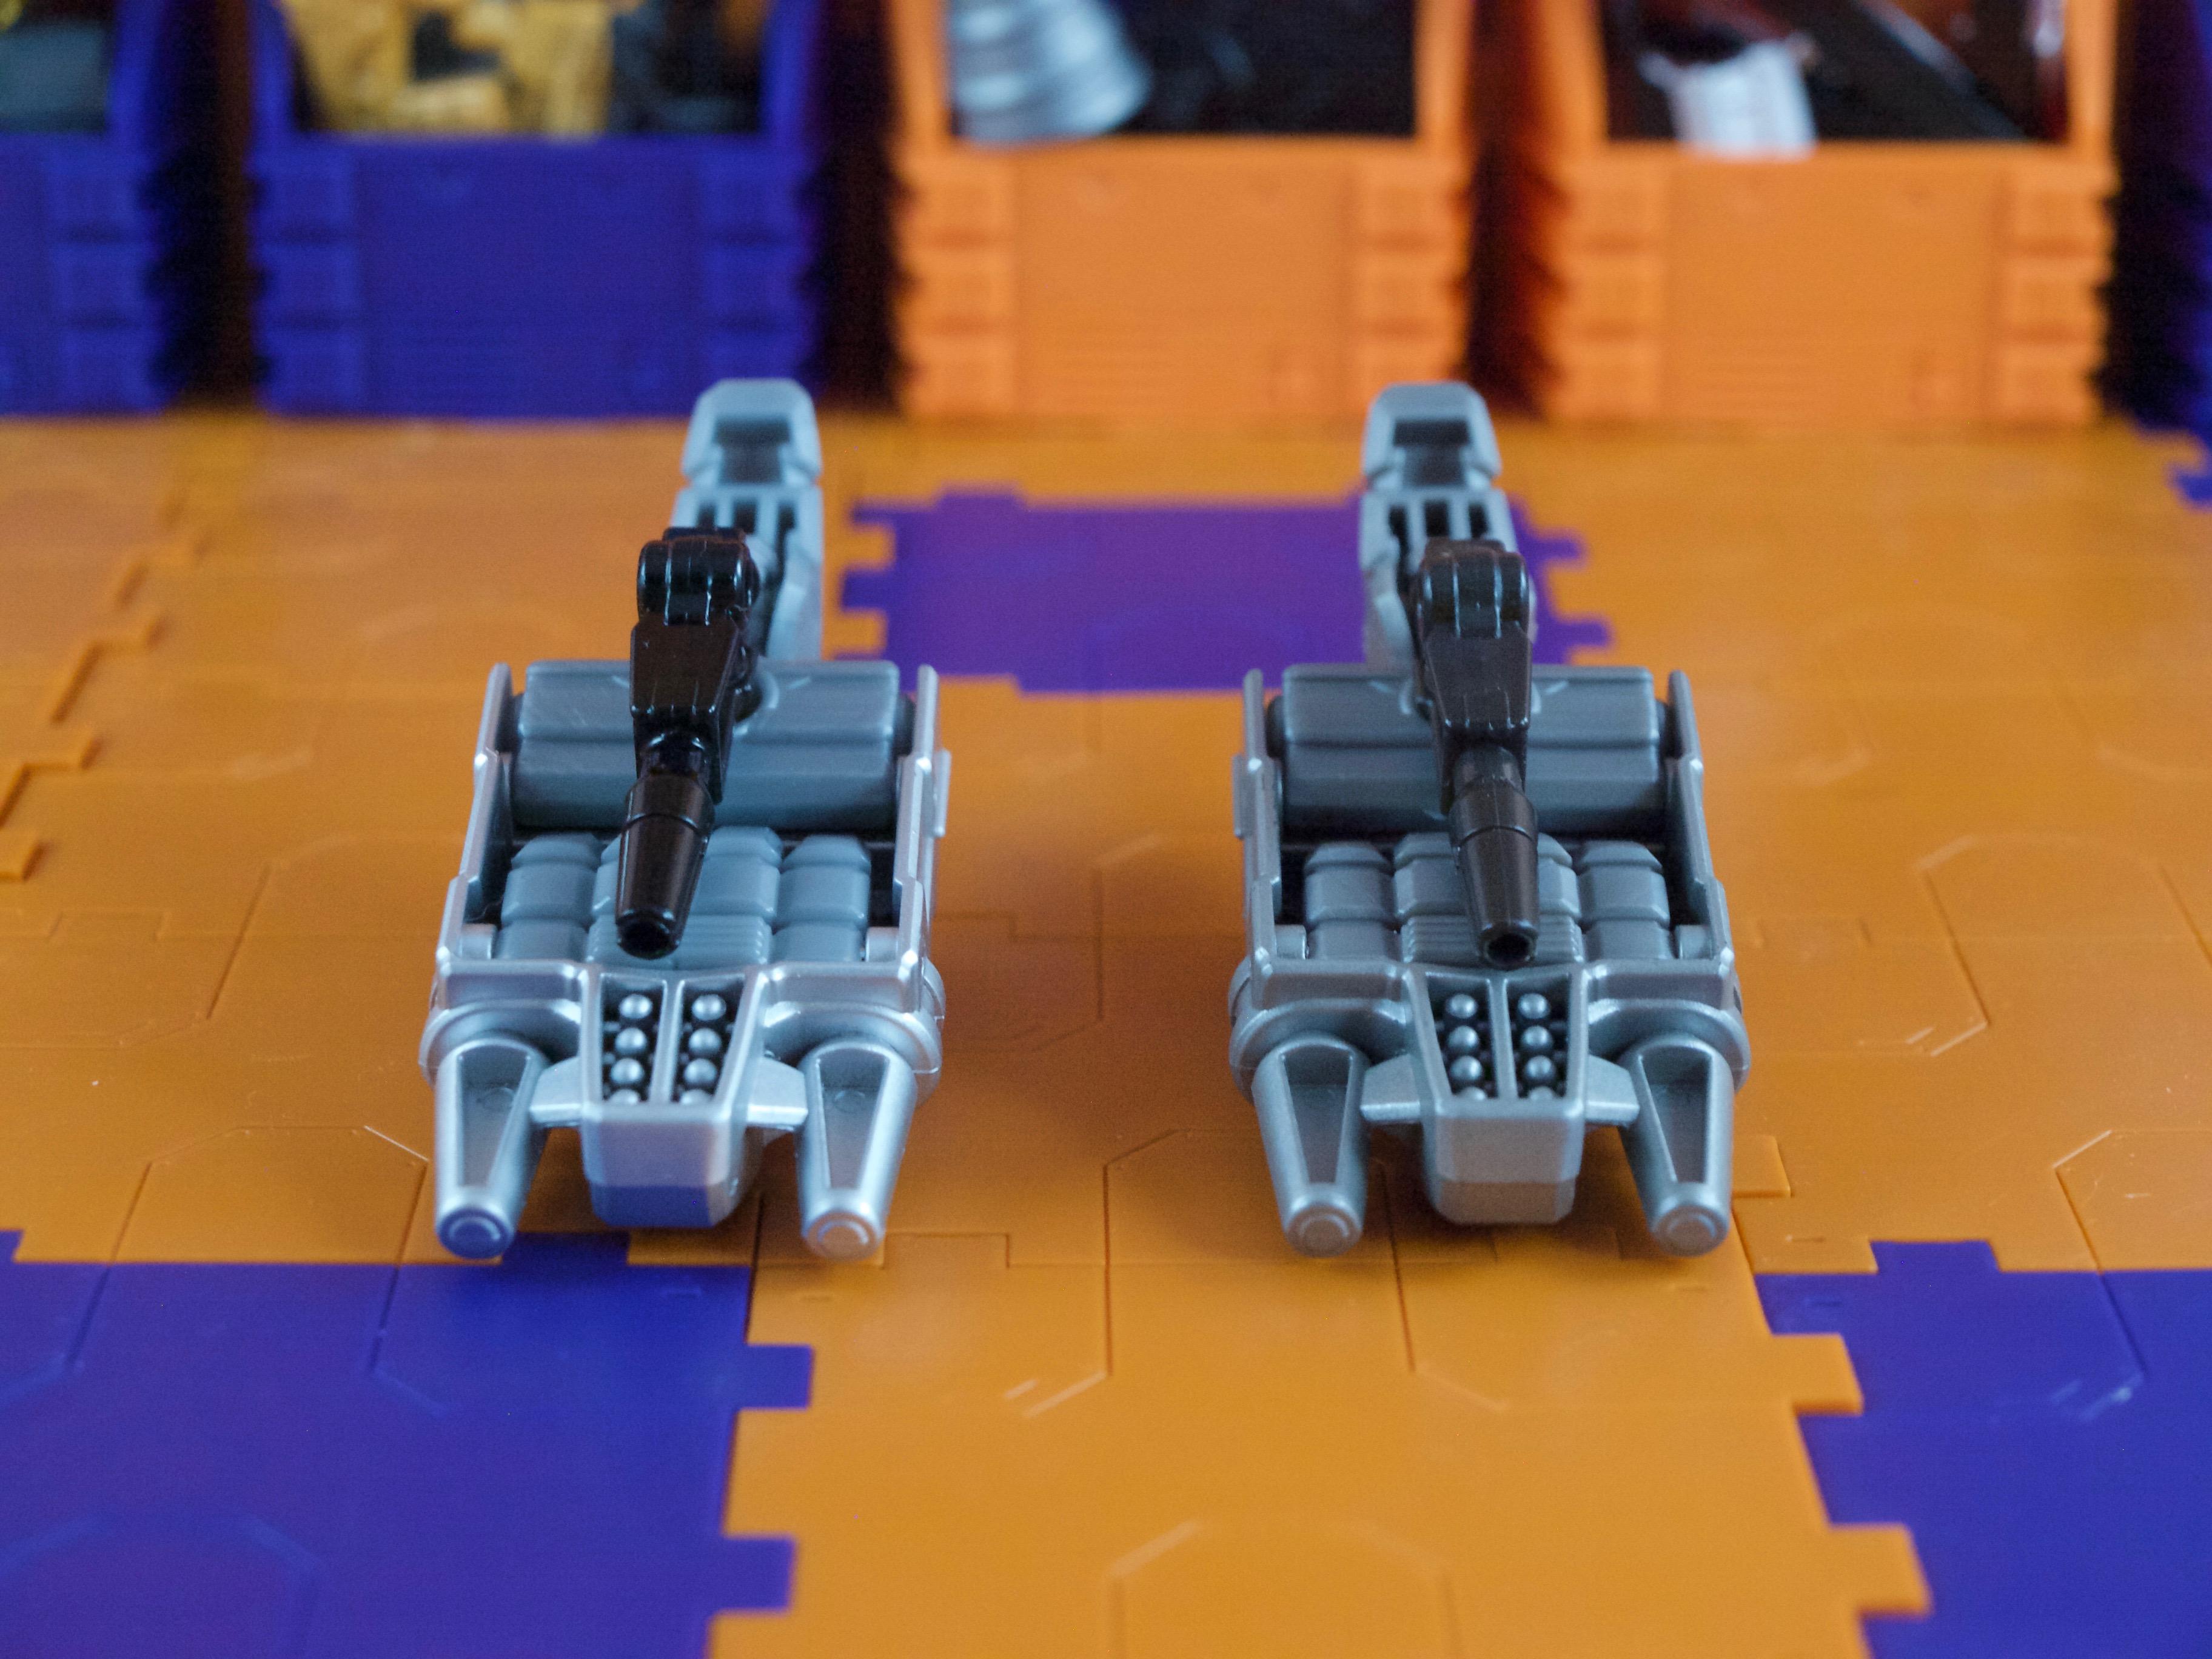 Combiner parts comparison